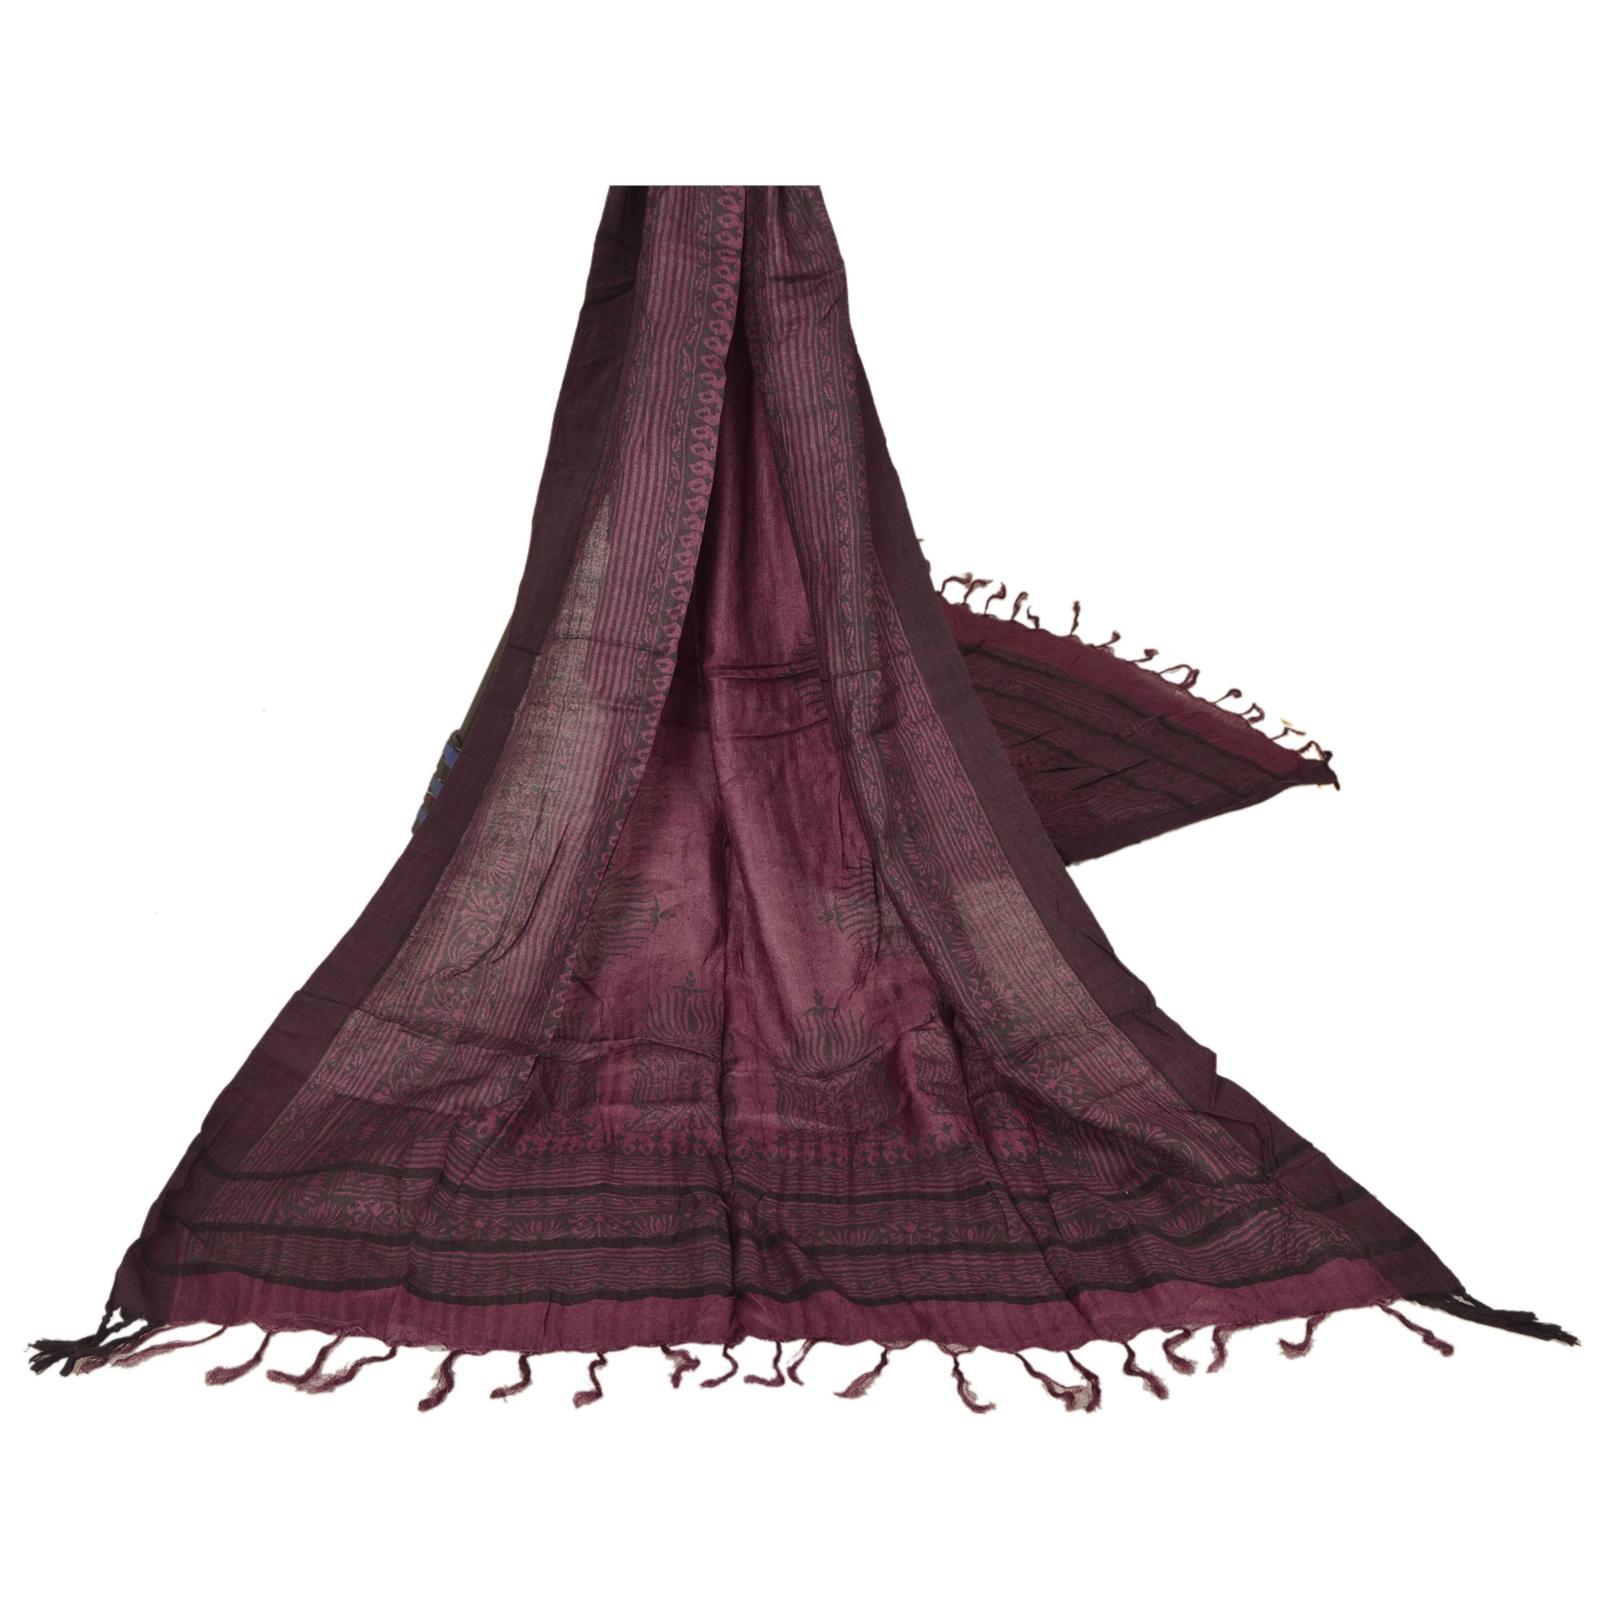 b68c5a9b6ba Details about Sanskriti Vintage Dupatta Long Stole Pure Woolen Shawl  Printed Purple Scarves